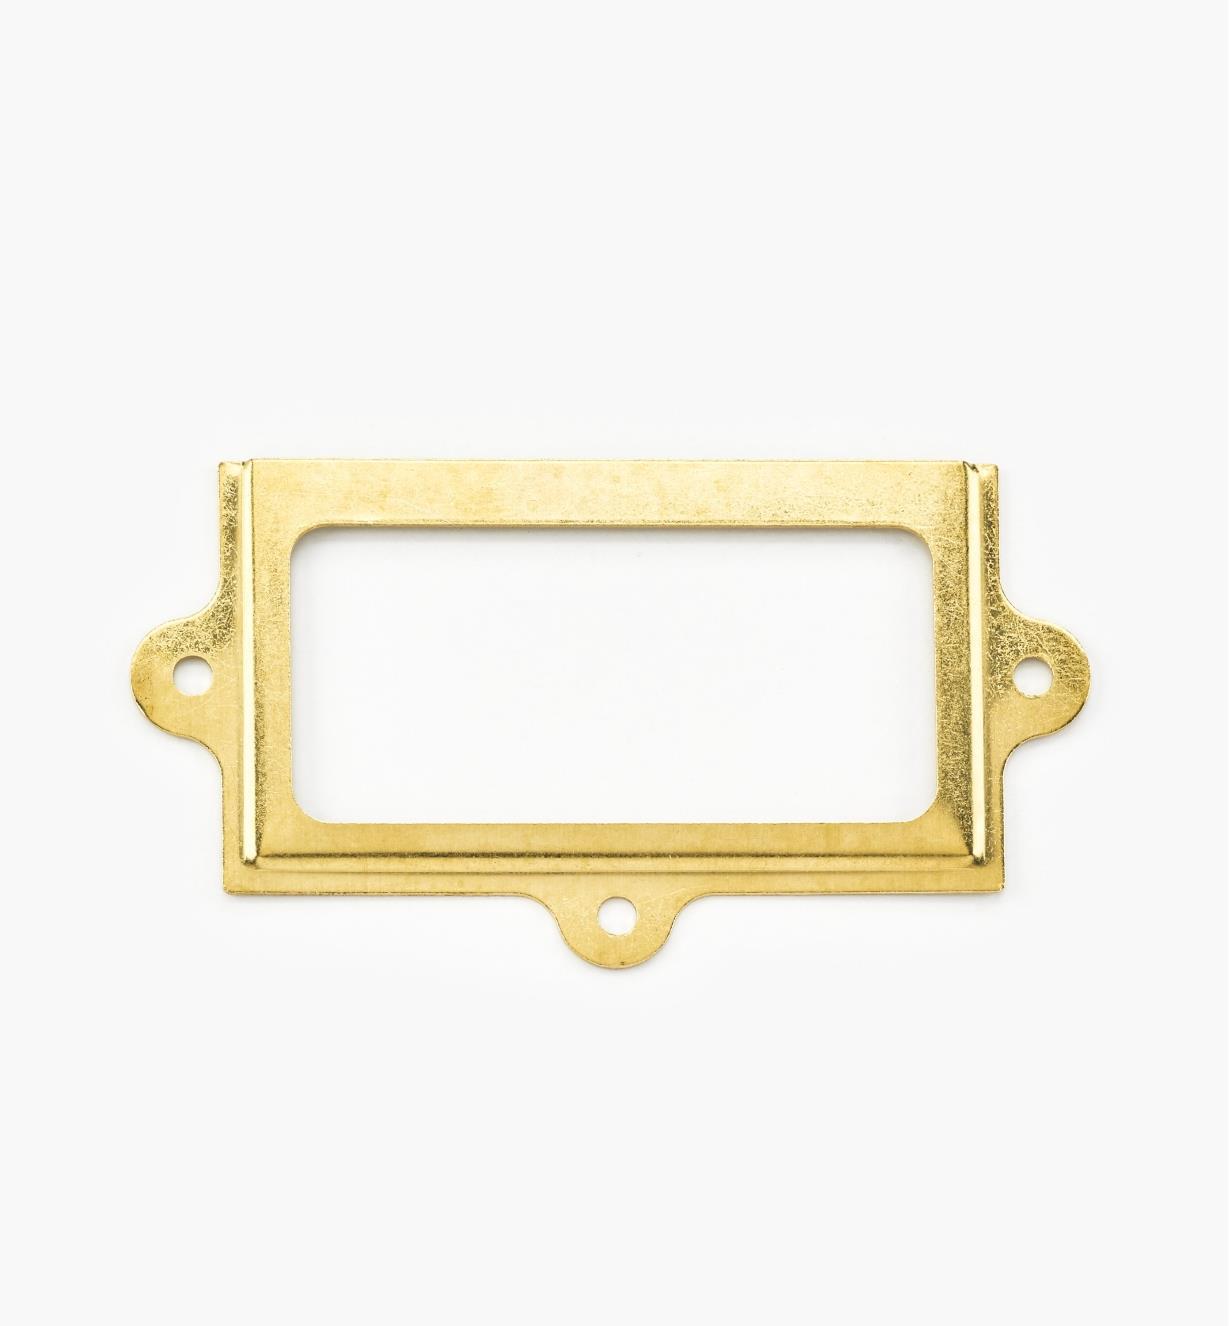 """00L0720 - 3 1/4"""" x 1 13/16"""" Stamped Brass Frame"""